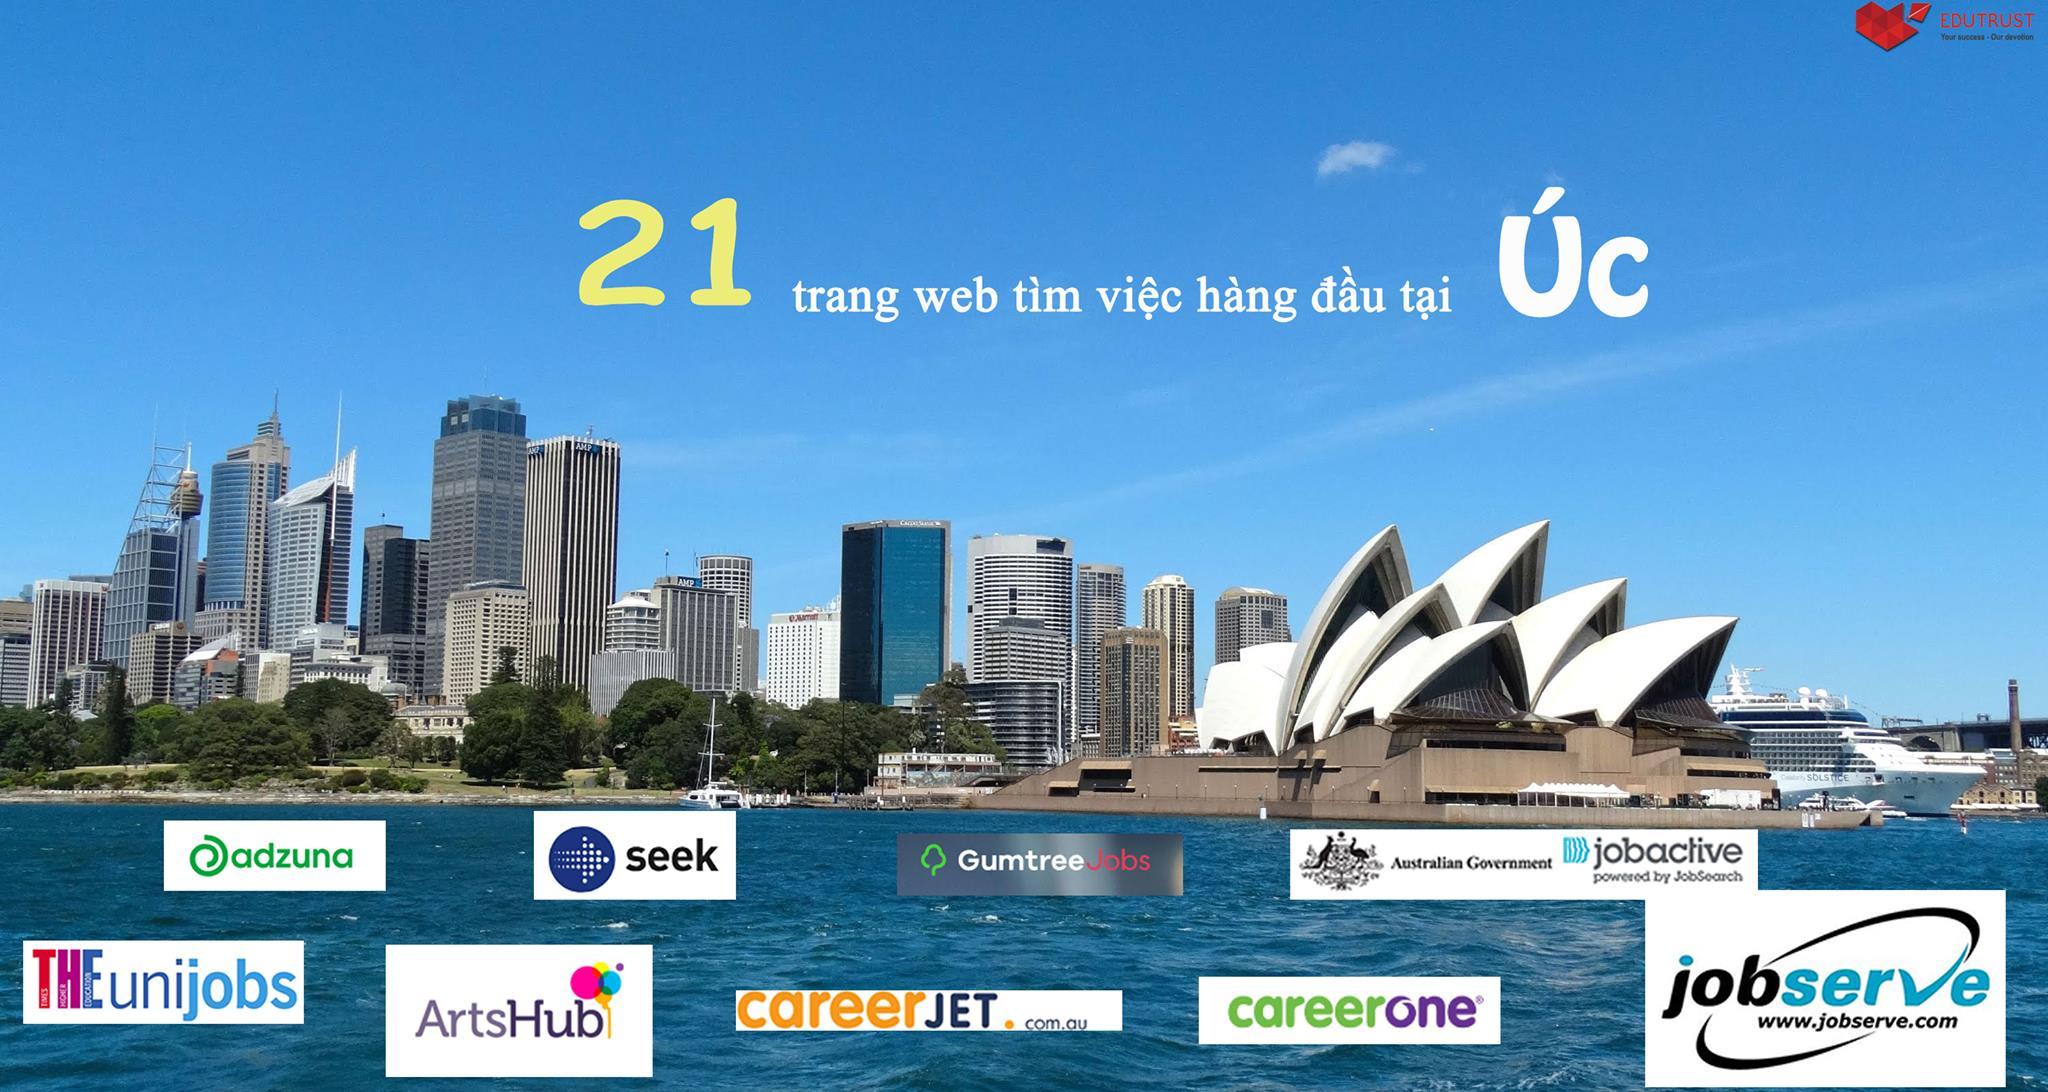 21 trang web tìm việc tốt nhất cho du học sinhÚc